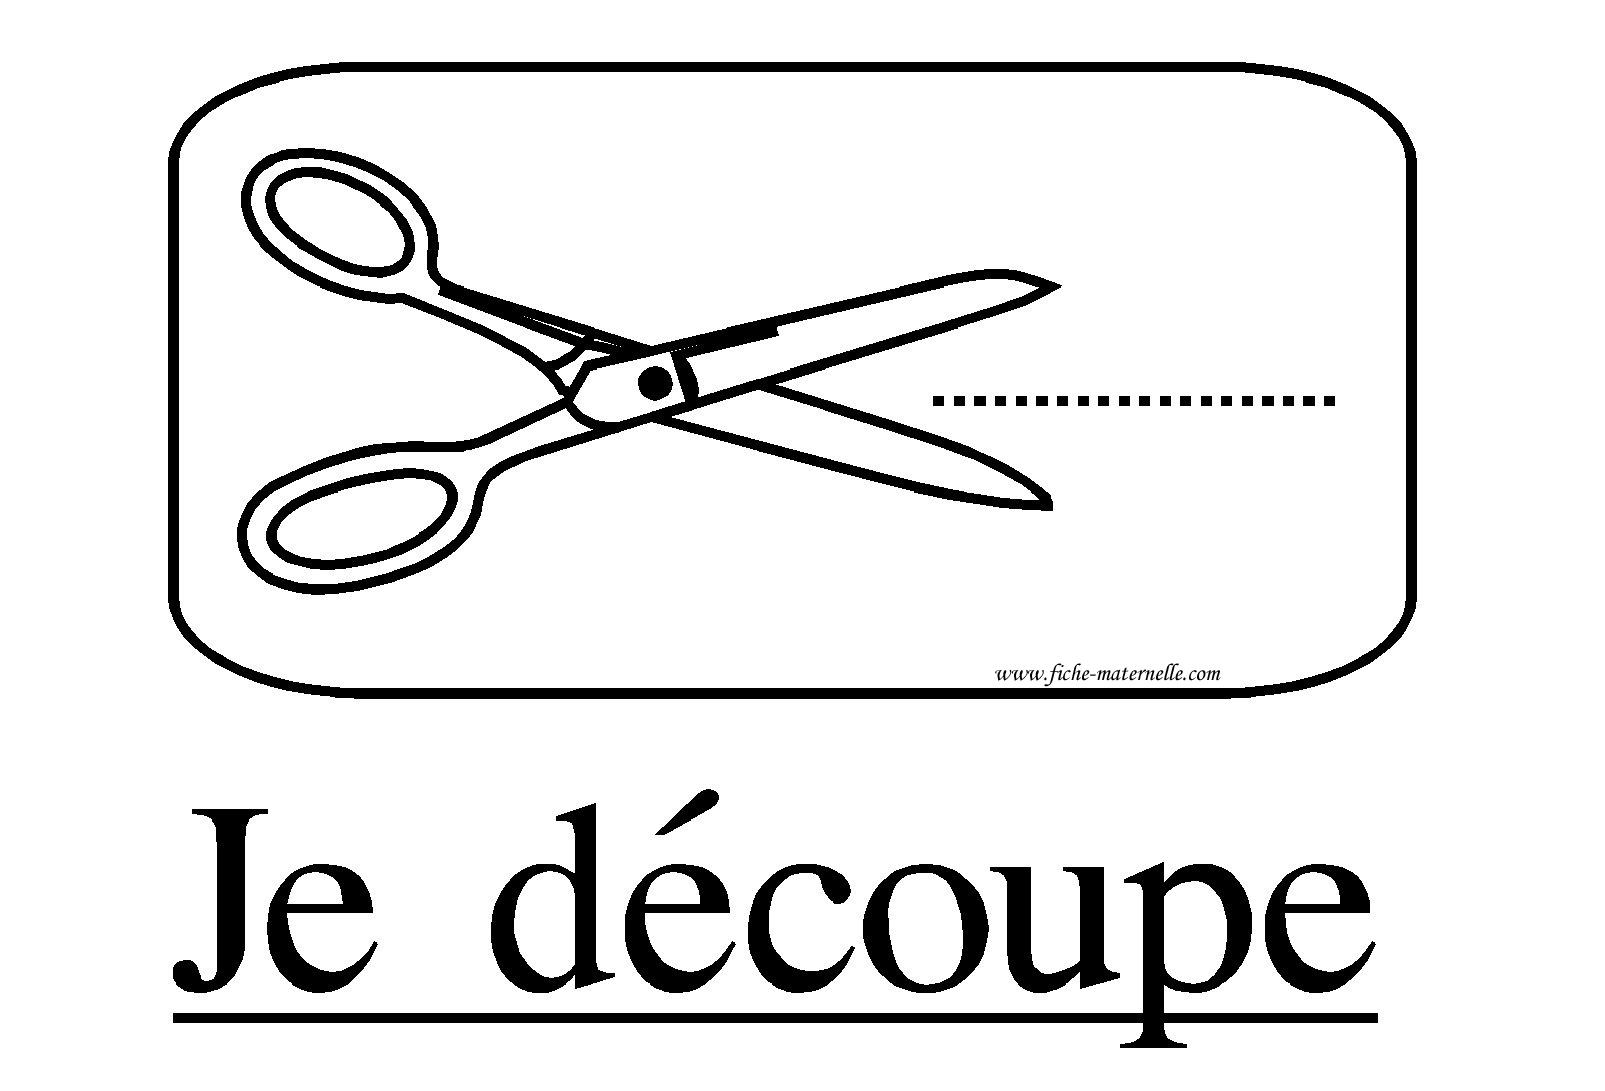 Affichage Classe Consigne Je Decoupe dedans Dessin A Decouper